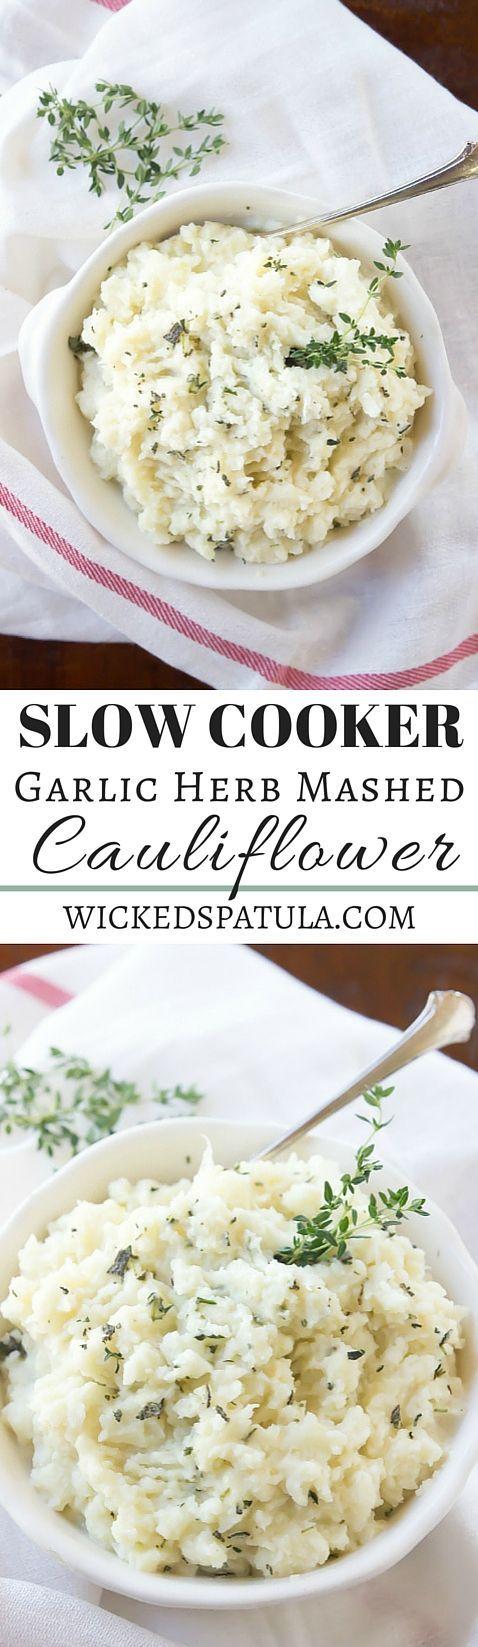 #slowcooker #food #freezer #makeahead #sidedish #sulfur